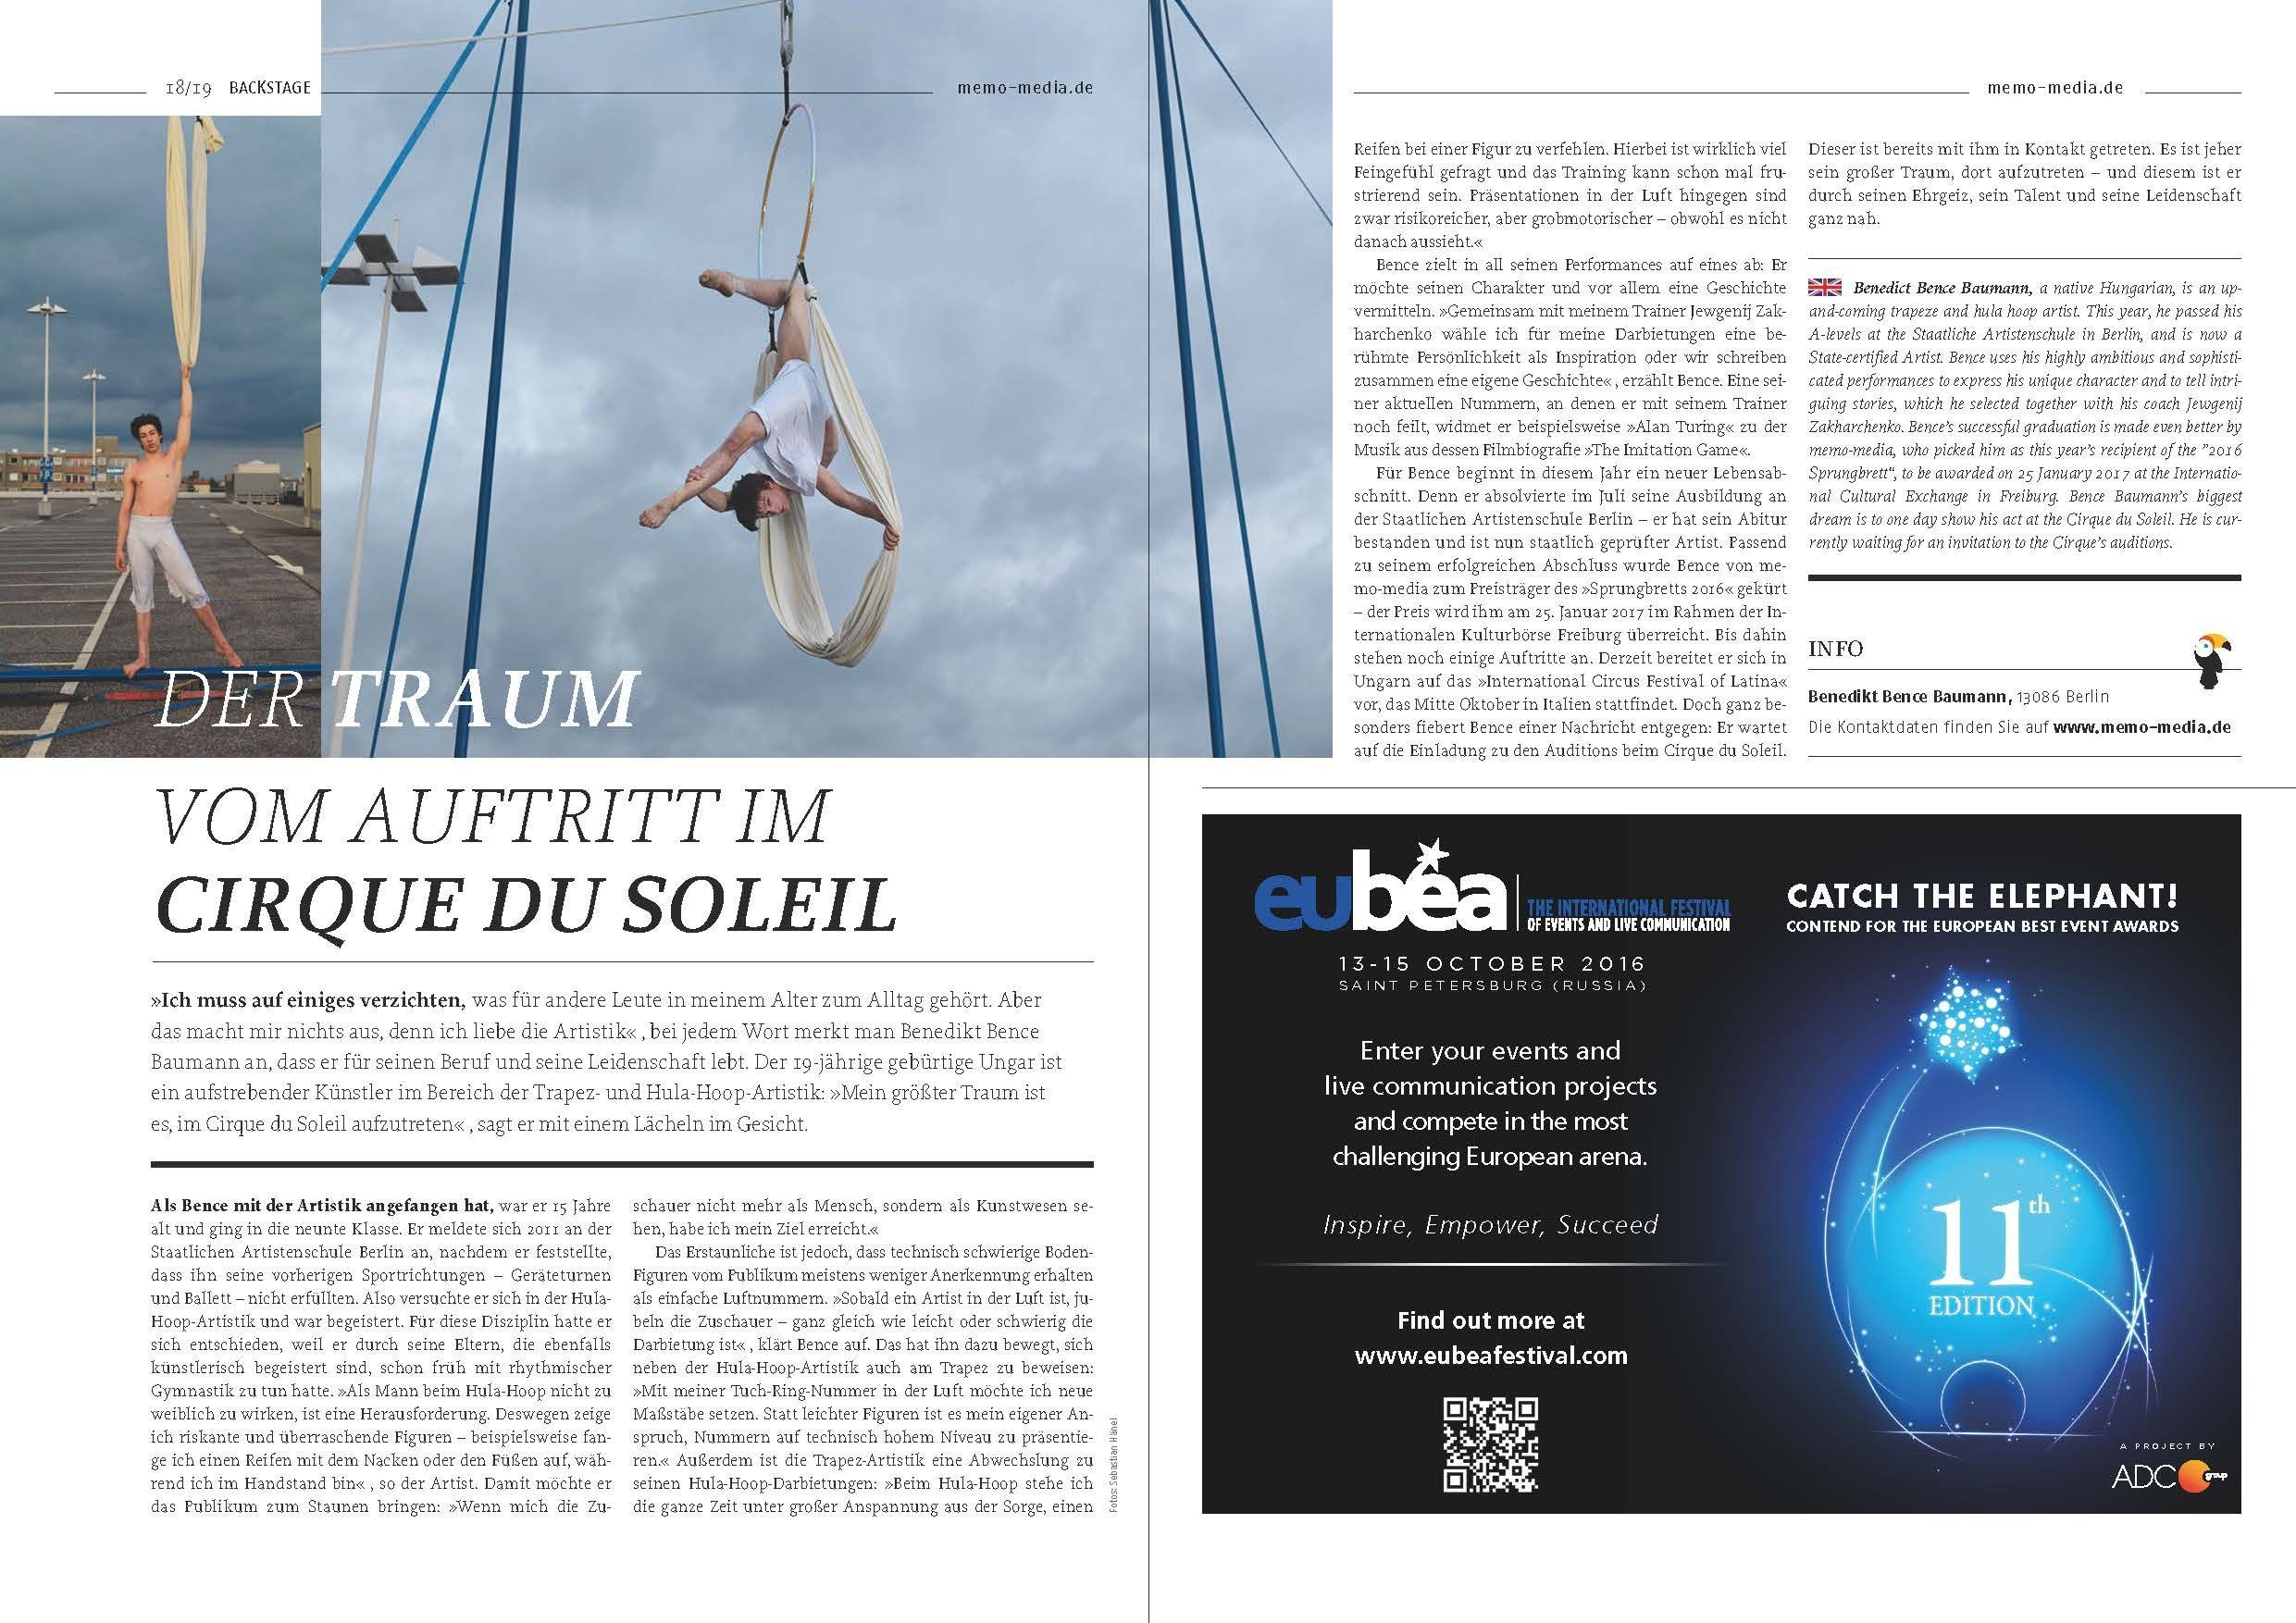 Der Traum vom Auftritt beim Cirque de Soleil